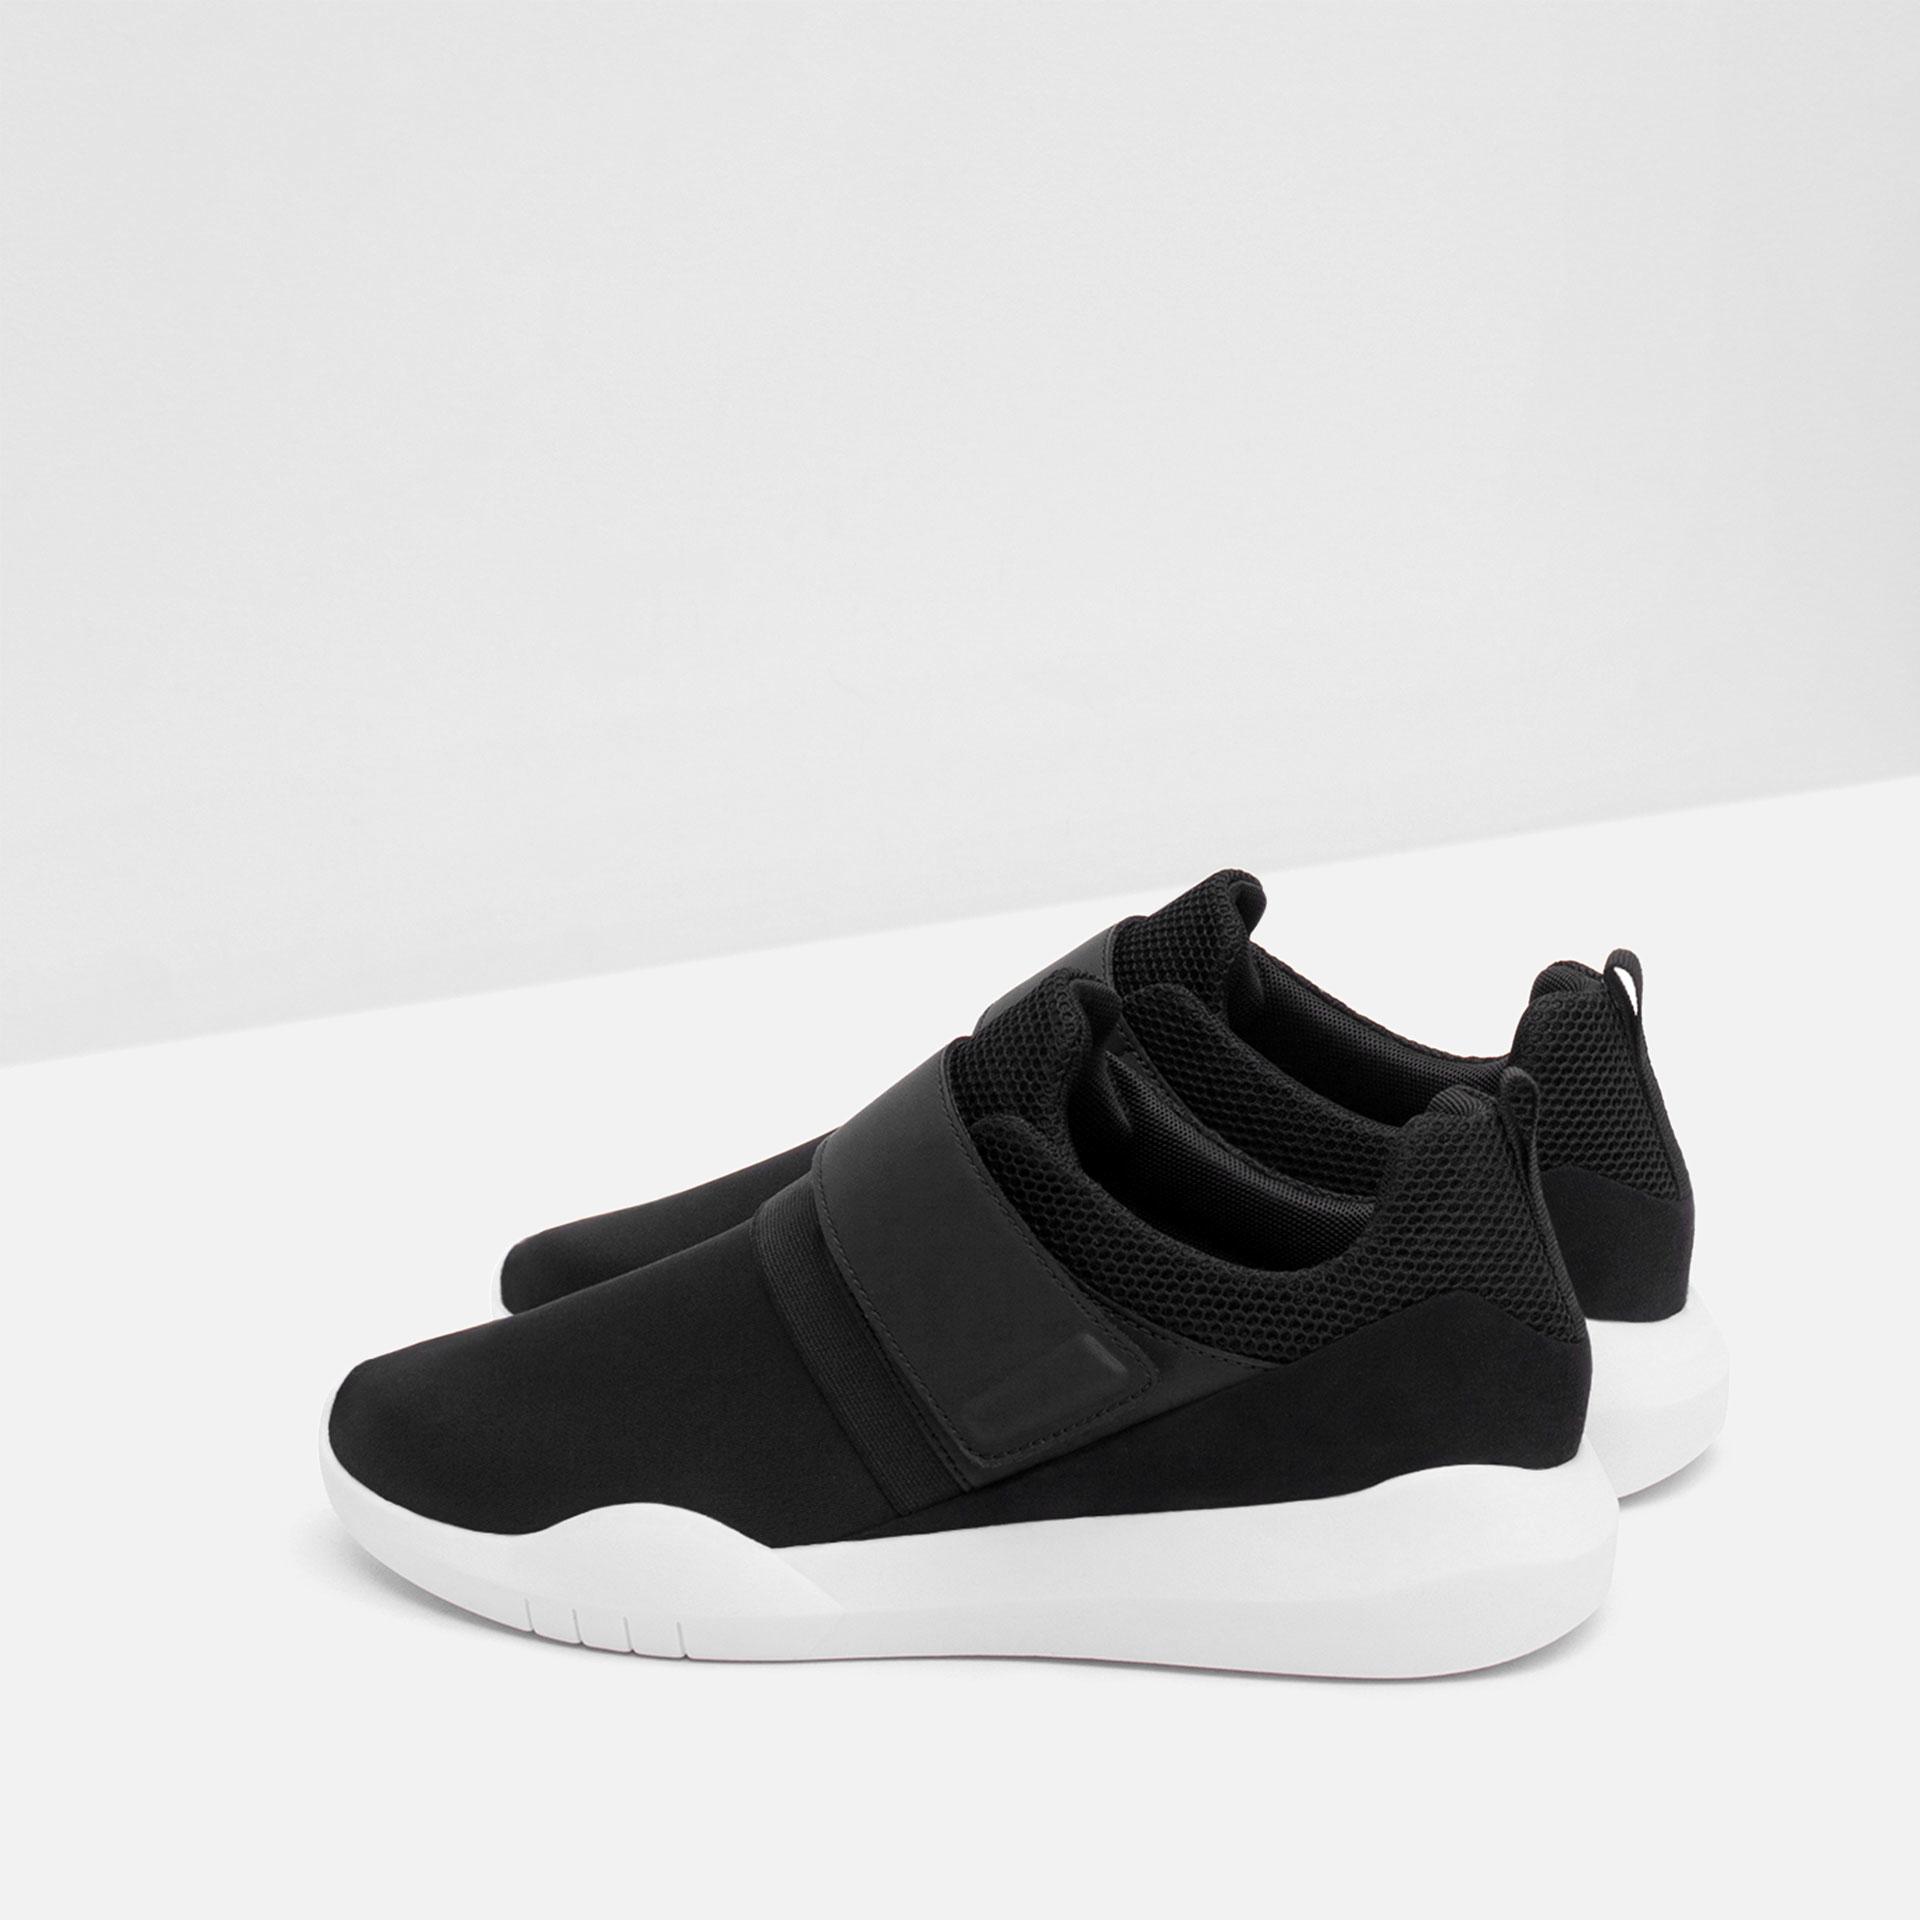 Zara Hook And Loop Low Top Sneakers In Black For Men Lyst